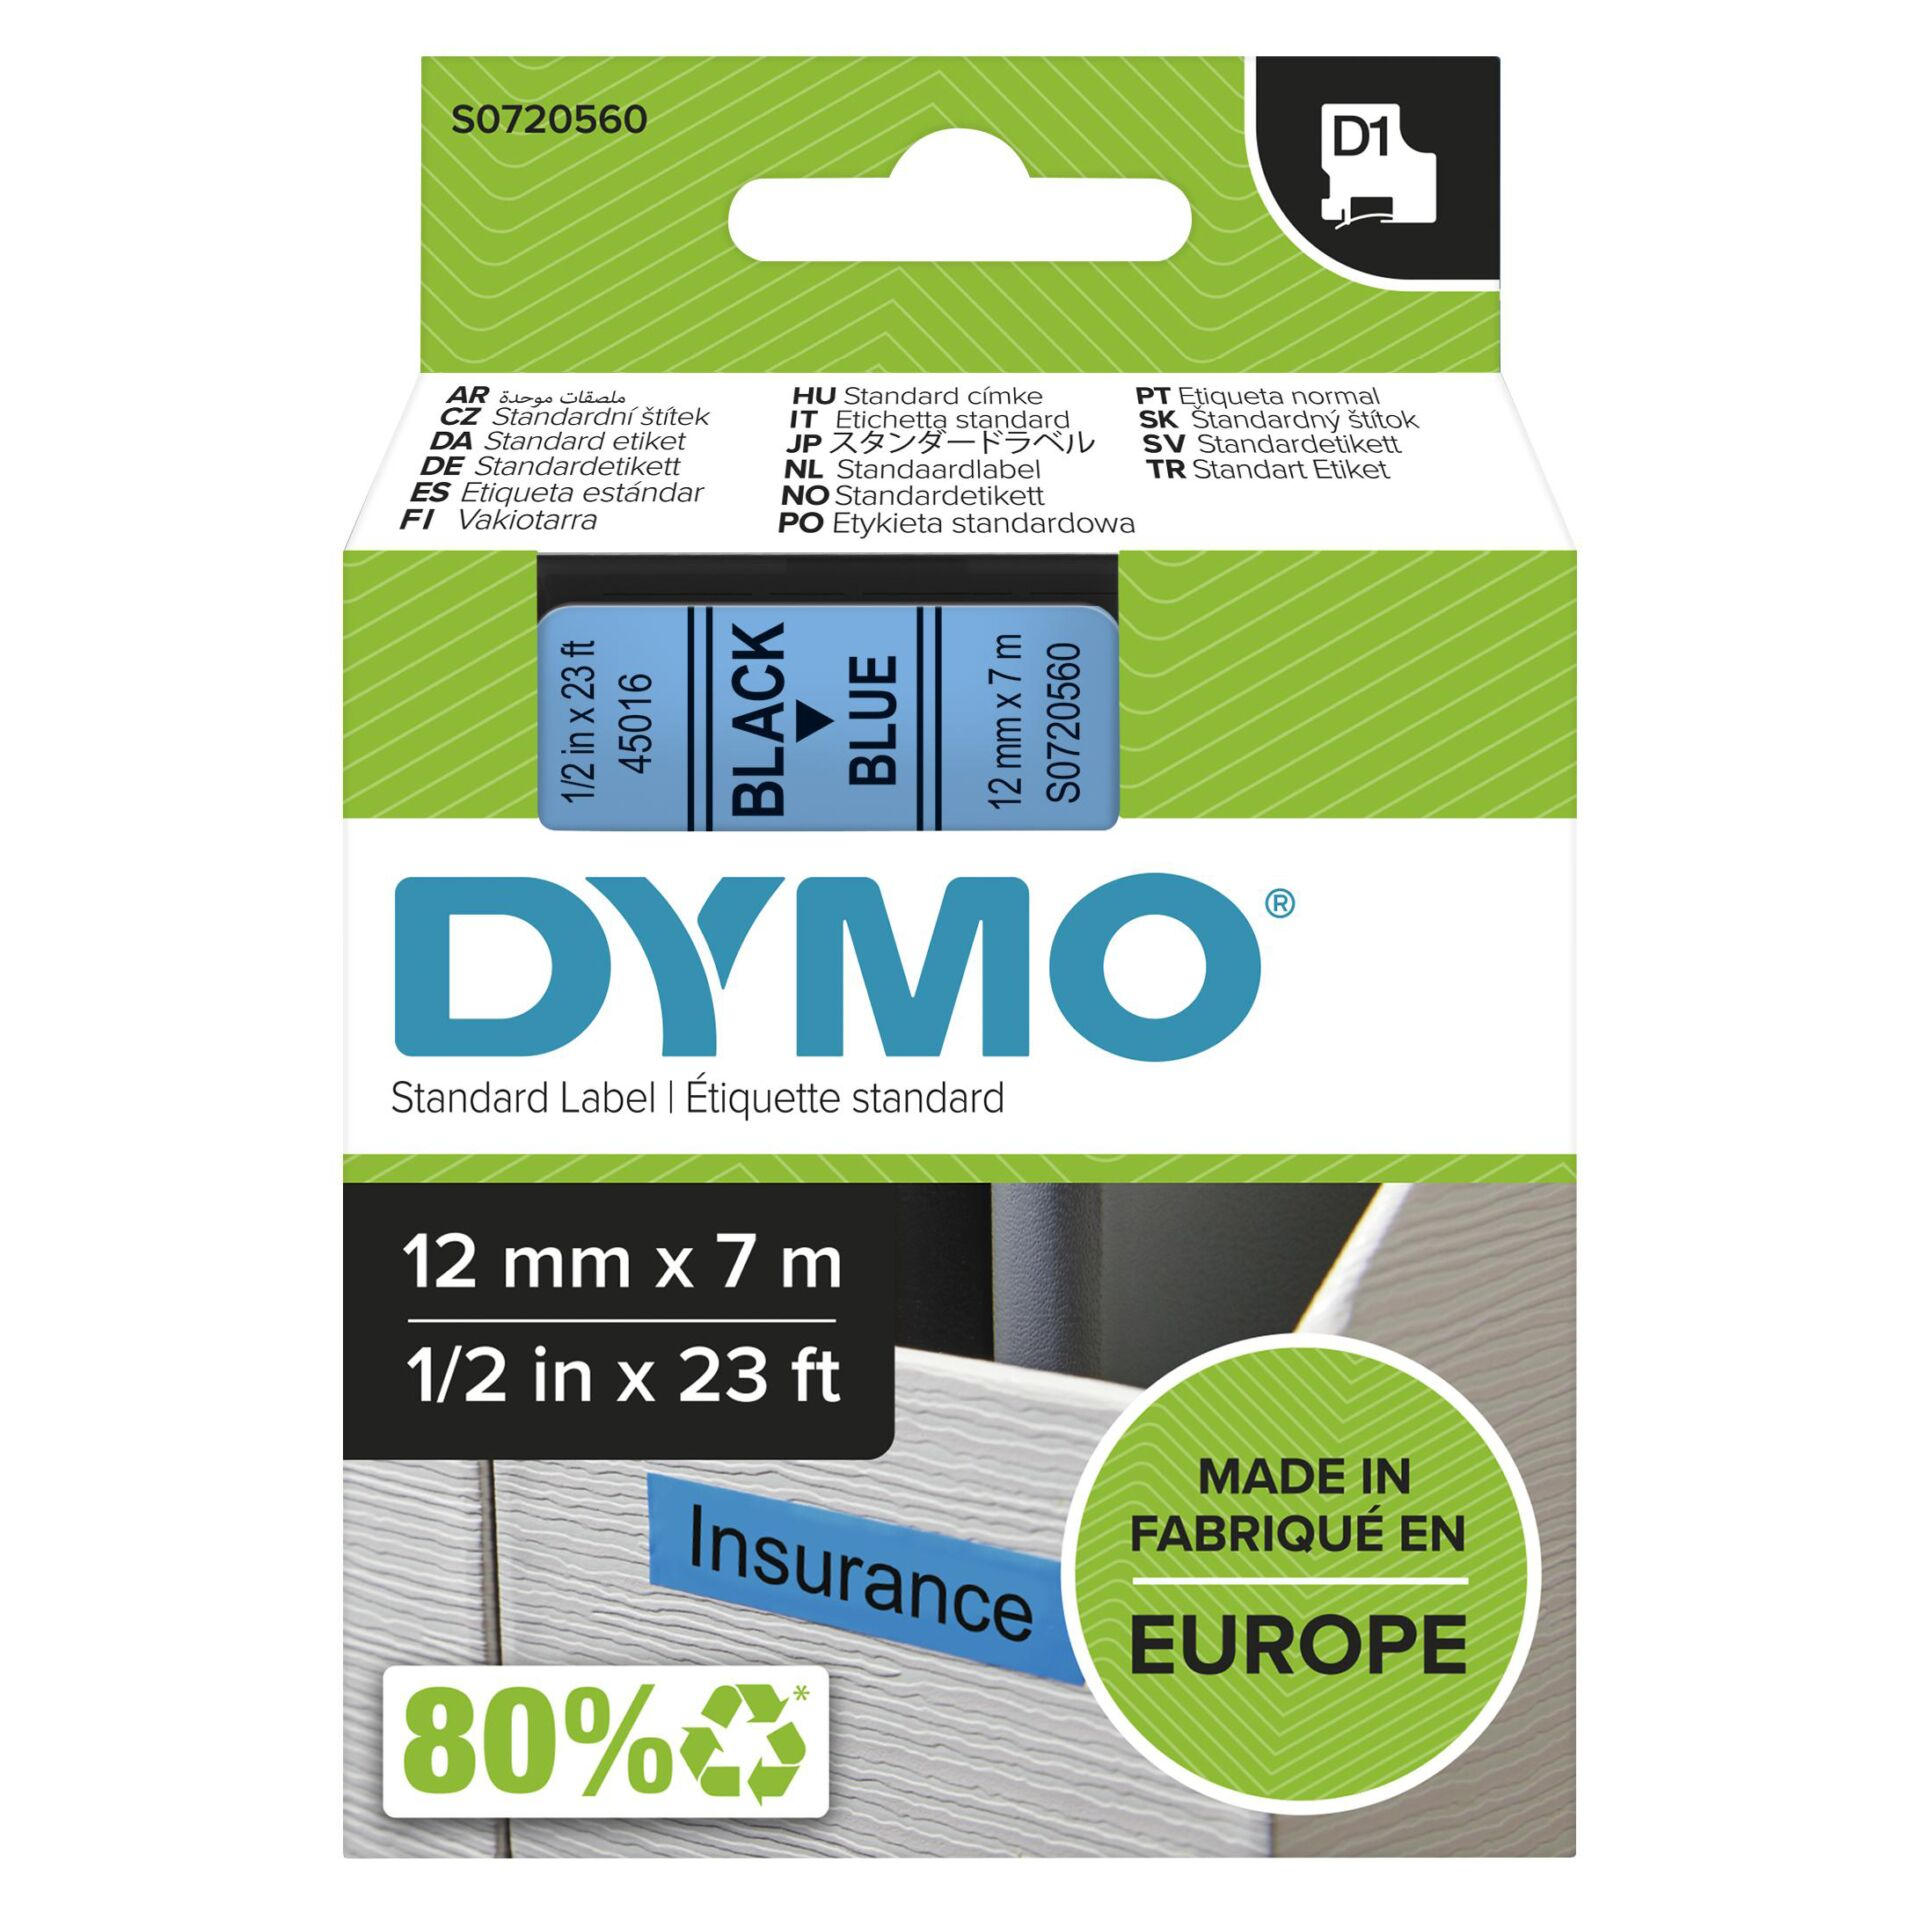 Dymo D1 Schriftband 12 mm x 7 m schwarz auf blau           45016